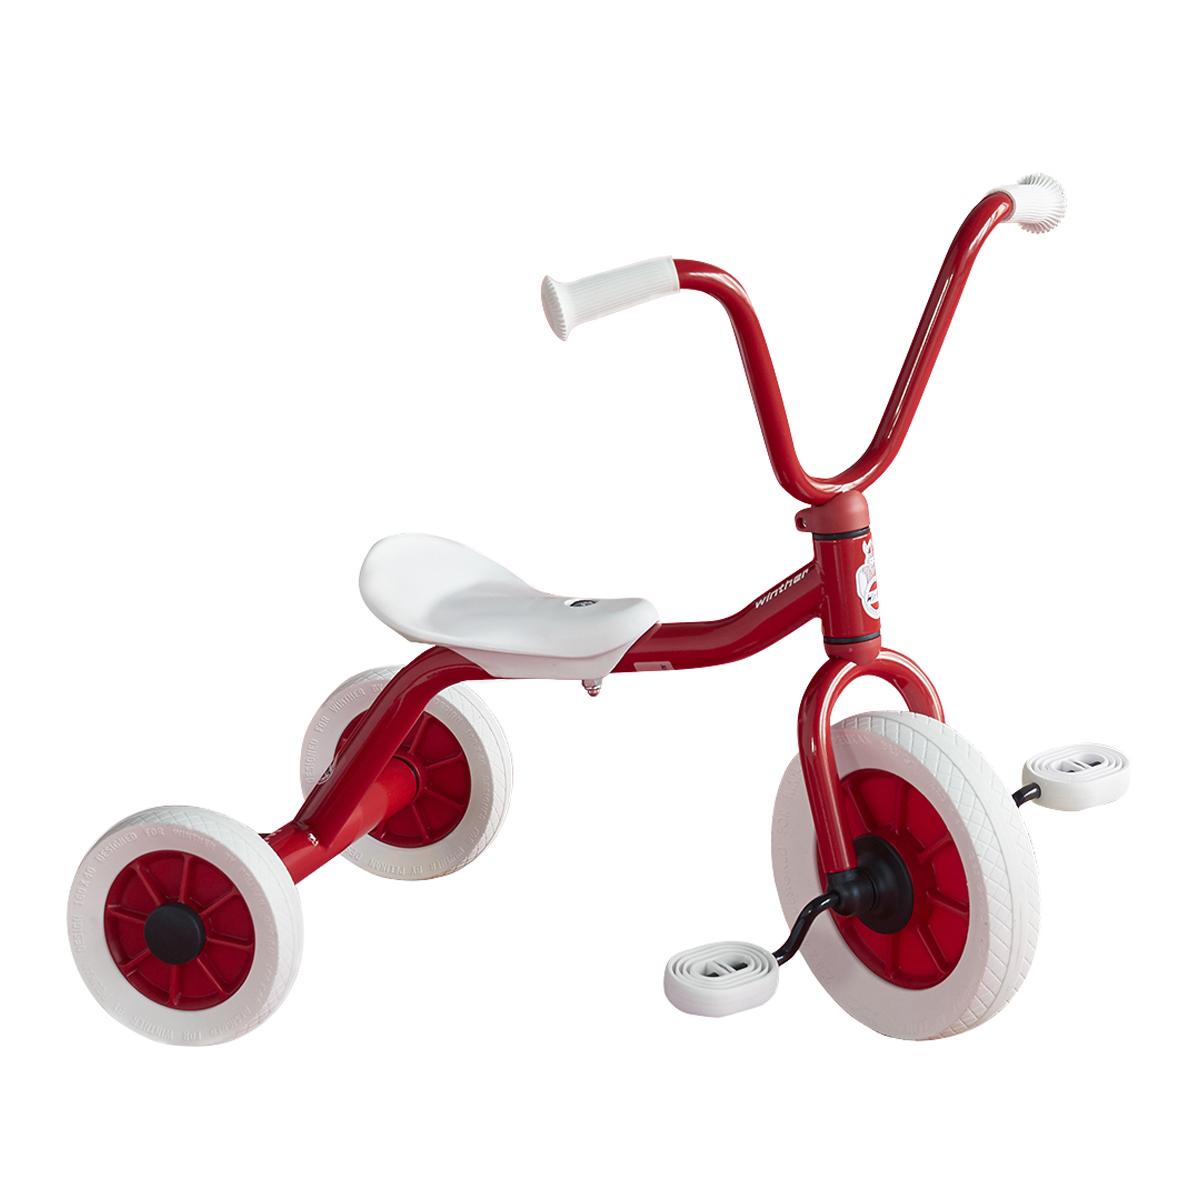 ペリカンデザイン三輪車 Vハンドル 赤